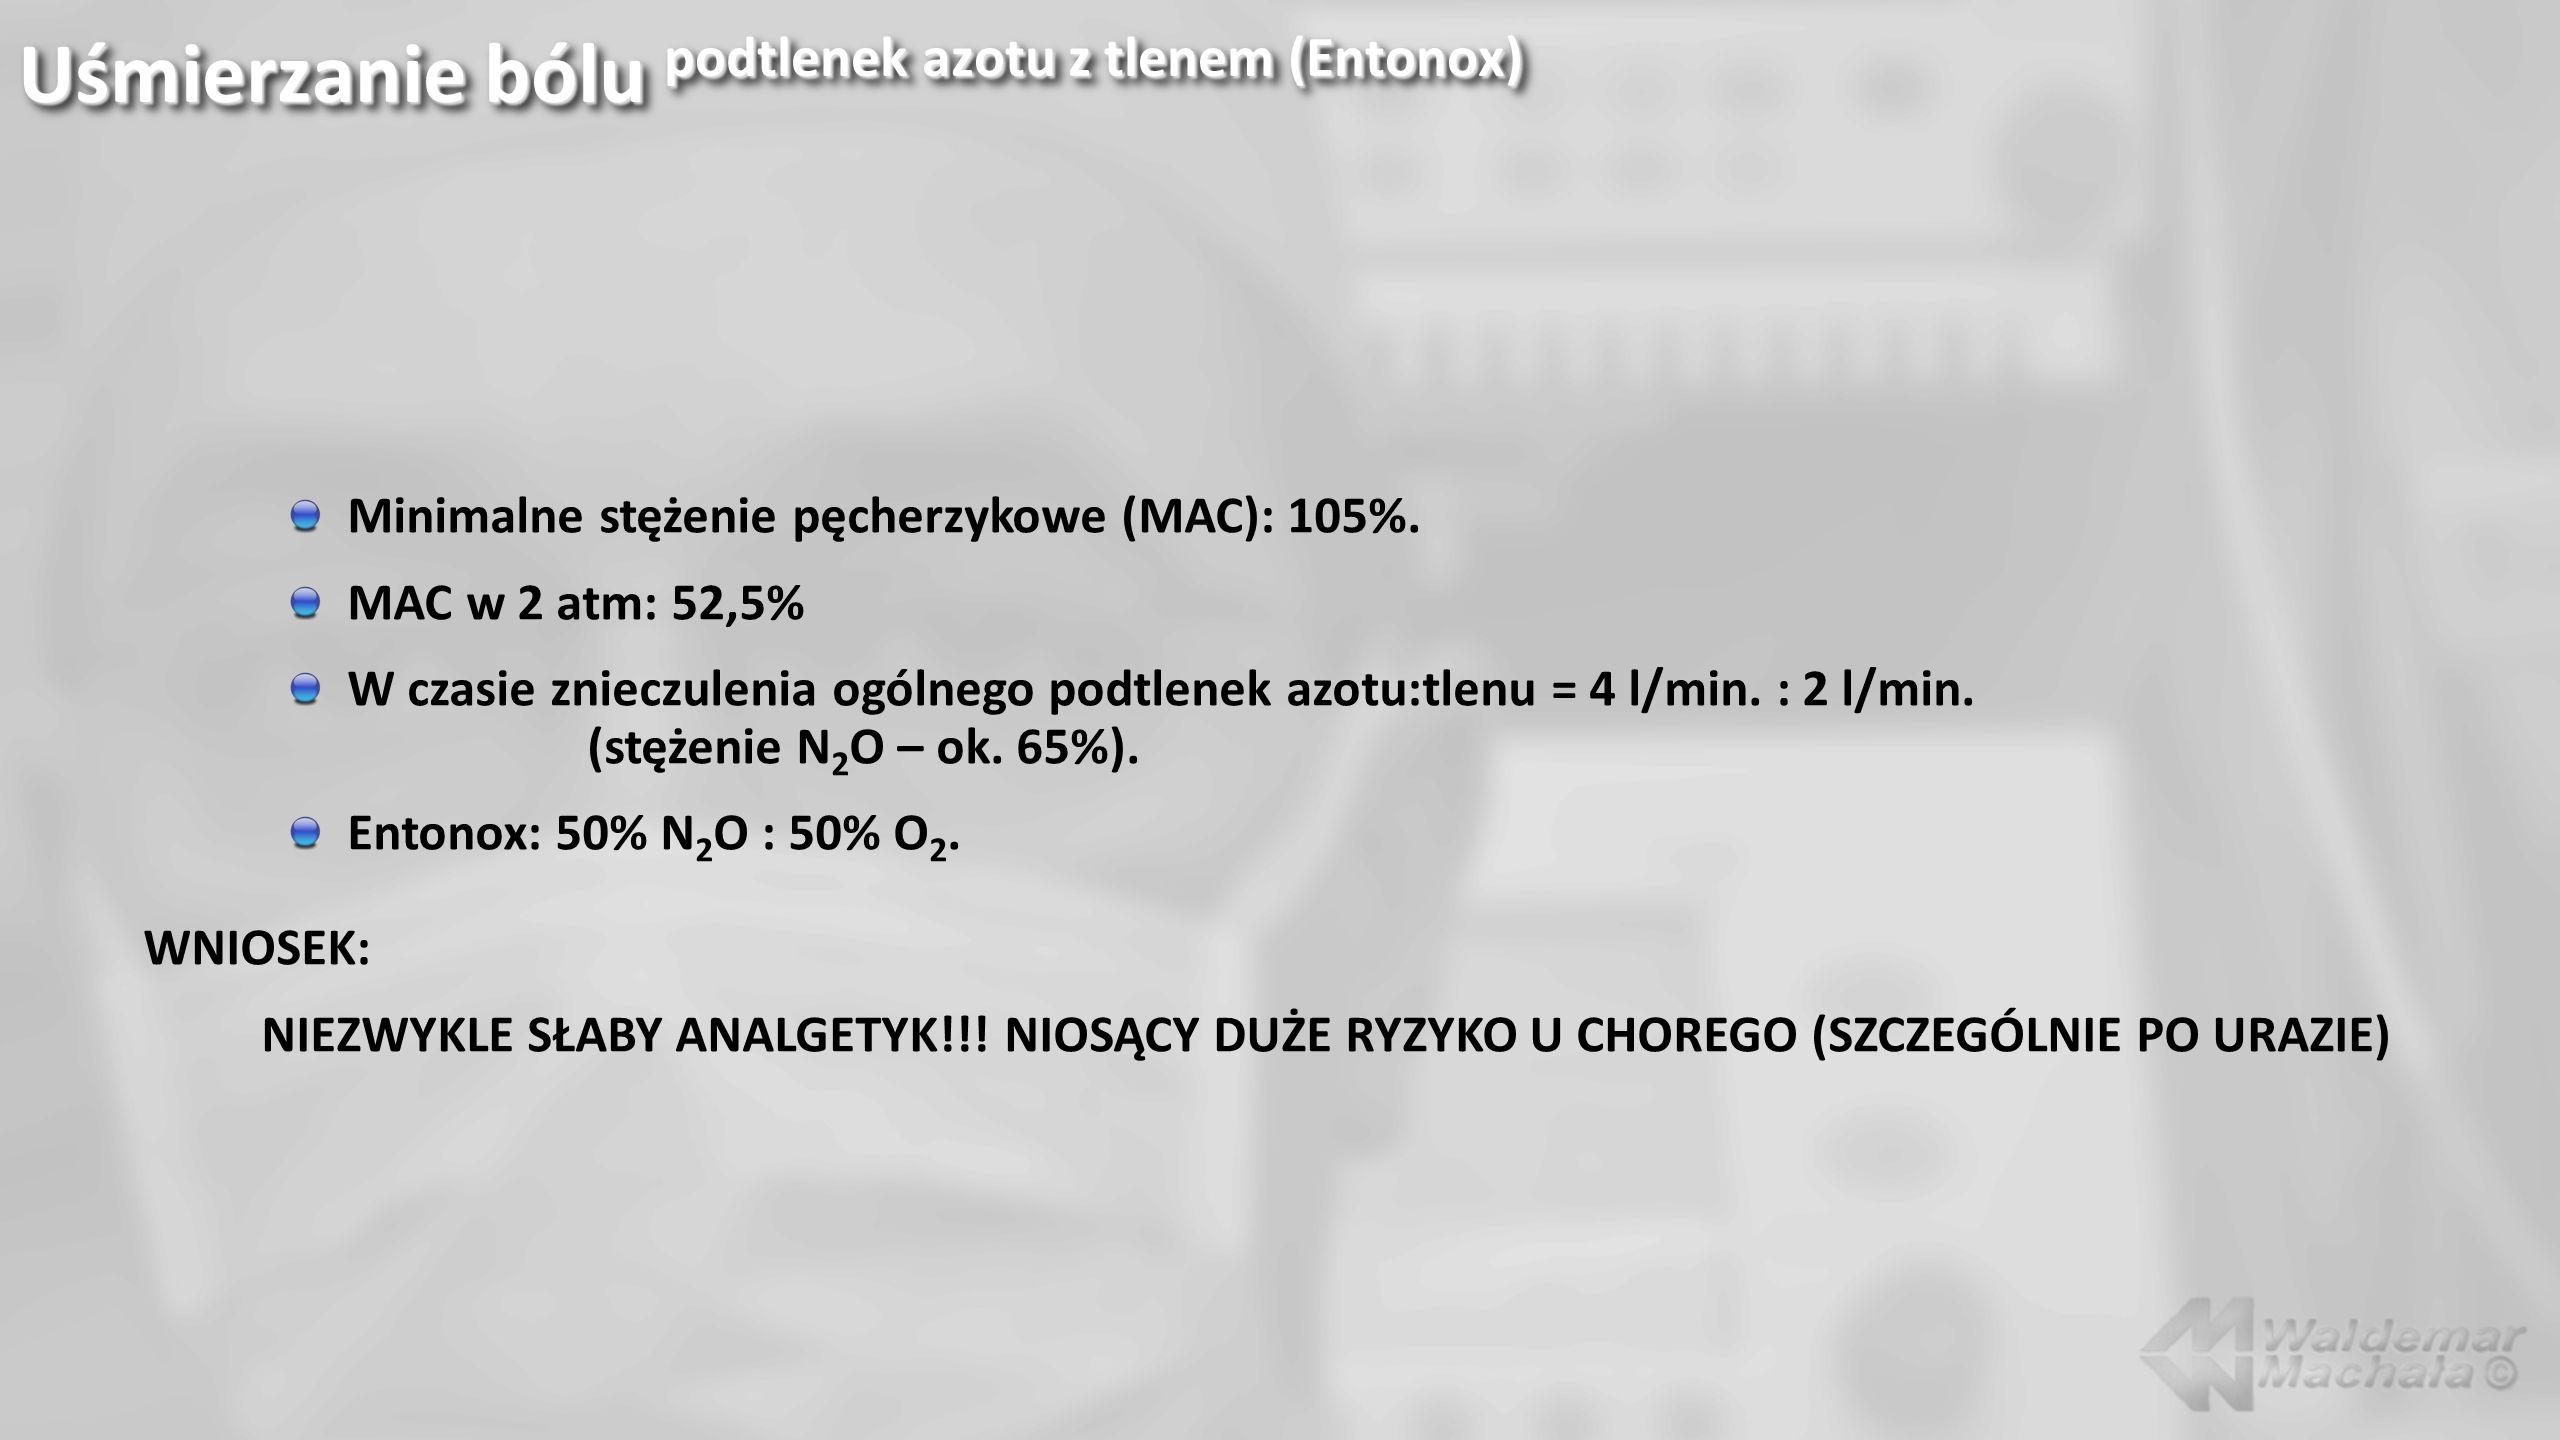 Uśmierzanie bólu podtlenek azotu z tlenem (Entonox) Minimalne stężenie pęcherzykowe (MAC): 105%. MAC w 2 atm: 52,5% W czasie znieczulenia ogólnego pod